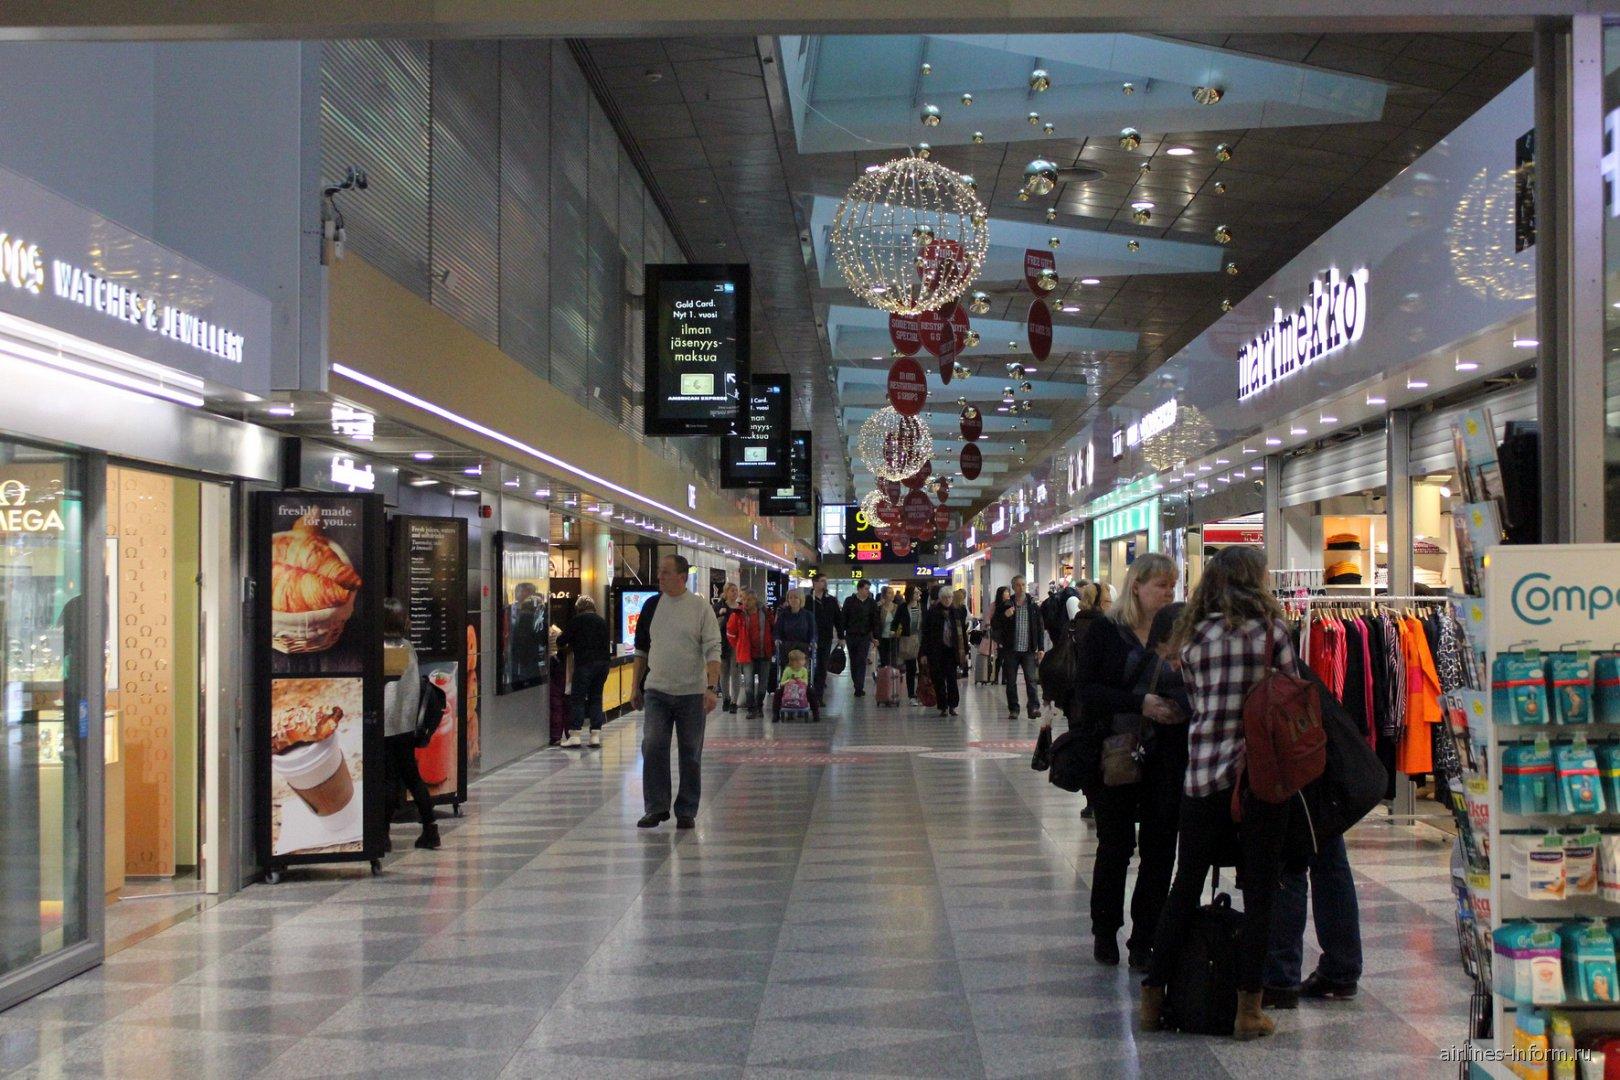 Шопинг-галерея в терминале 2 аэропорта Хельсинки Вантаа